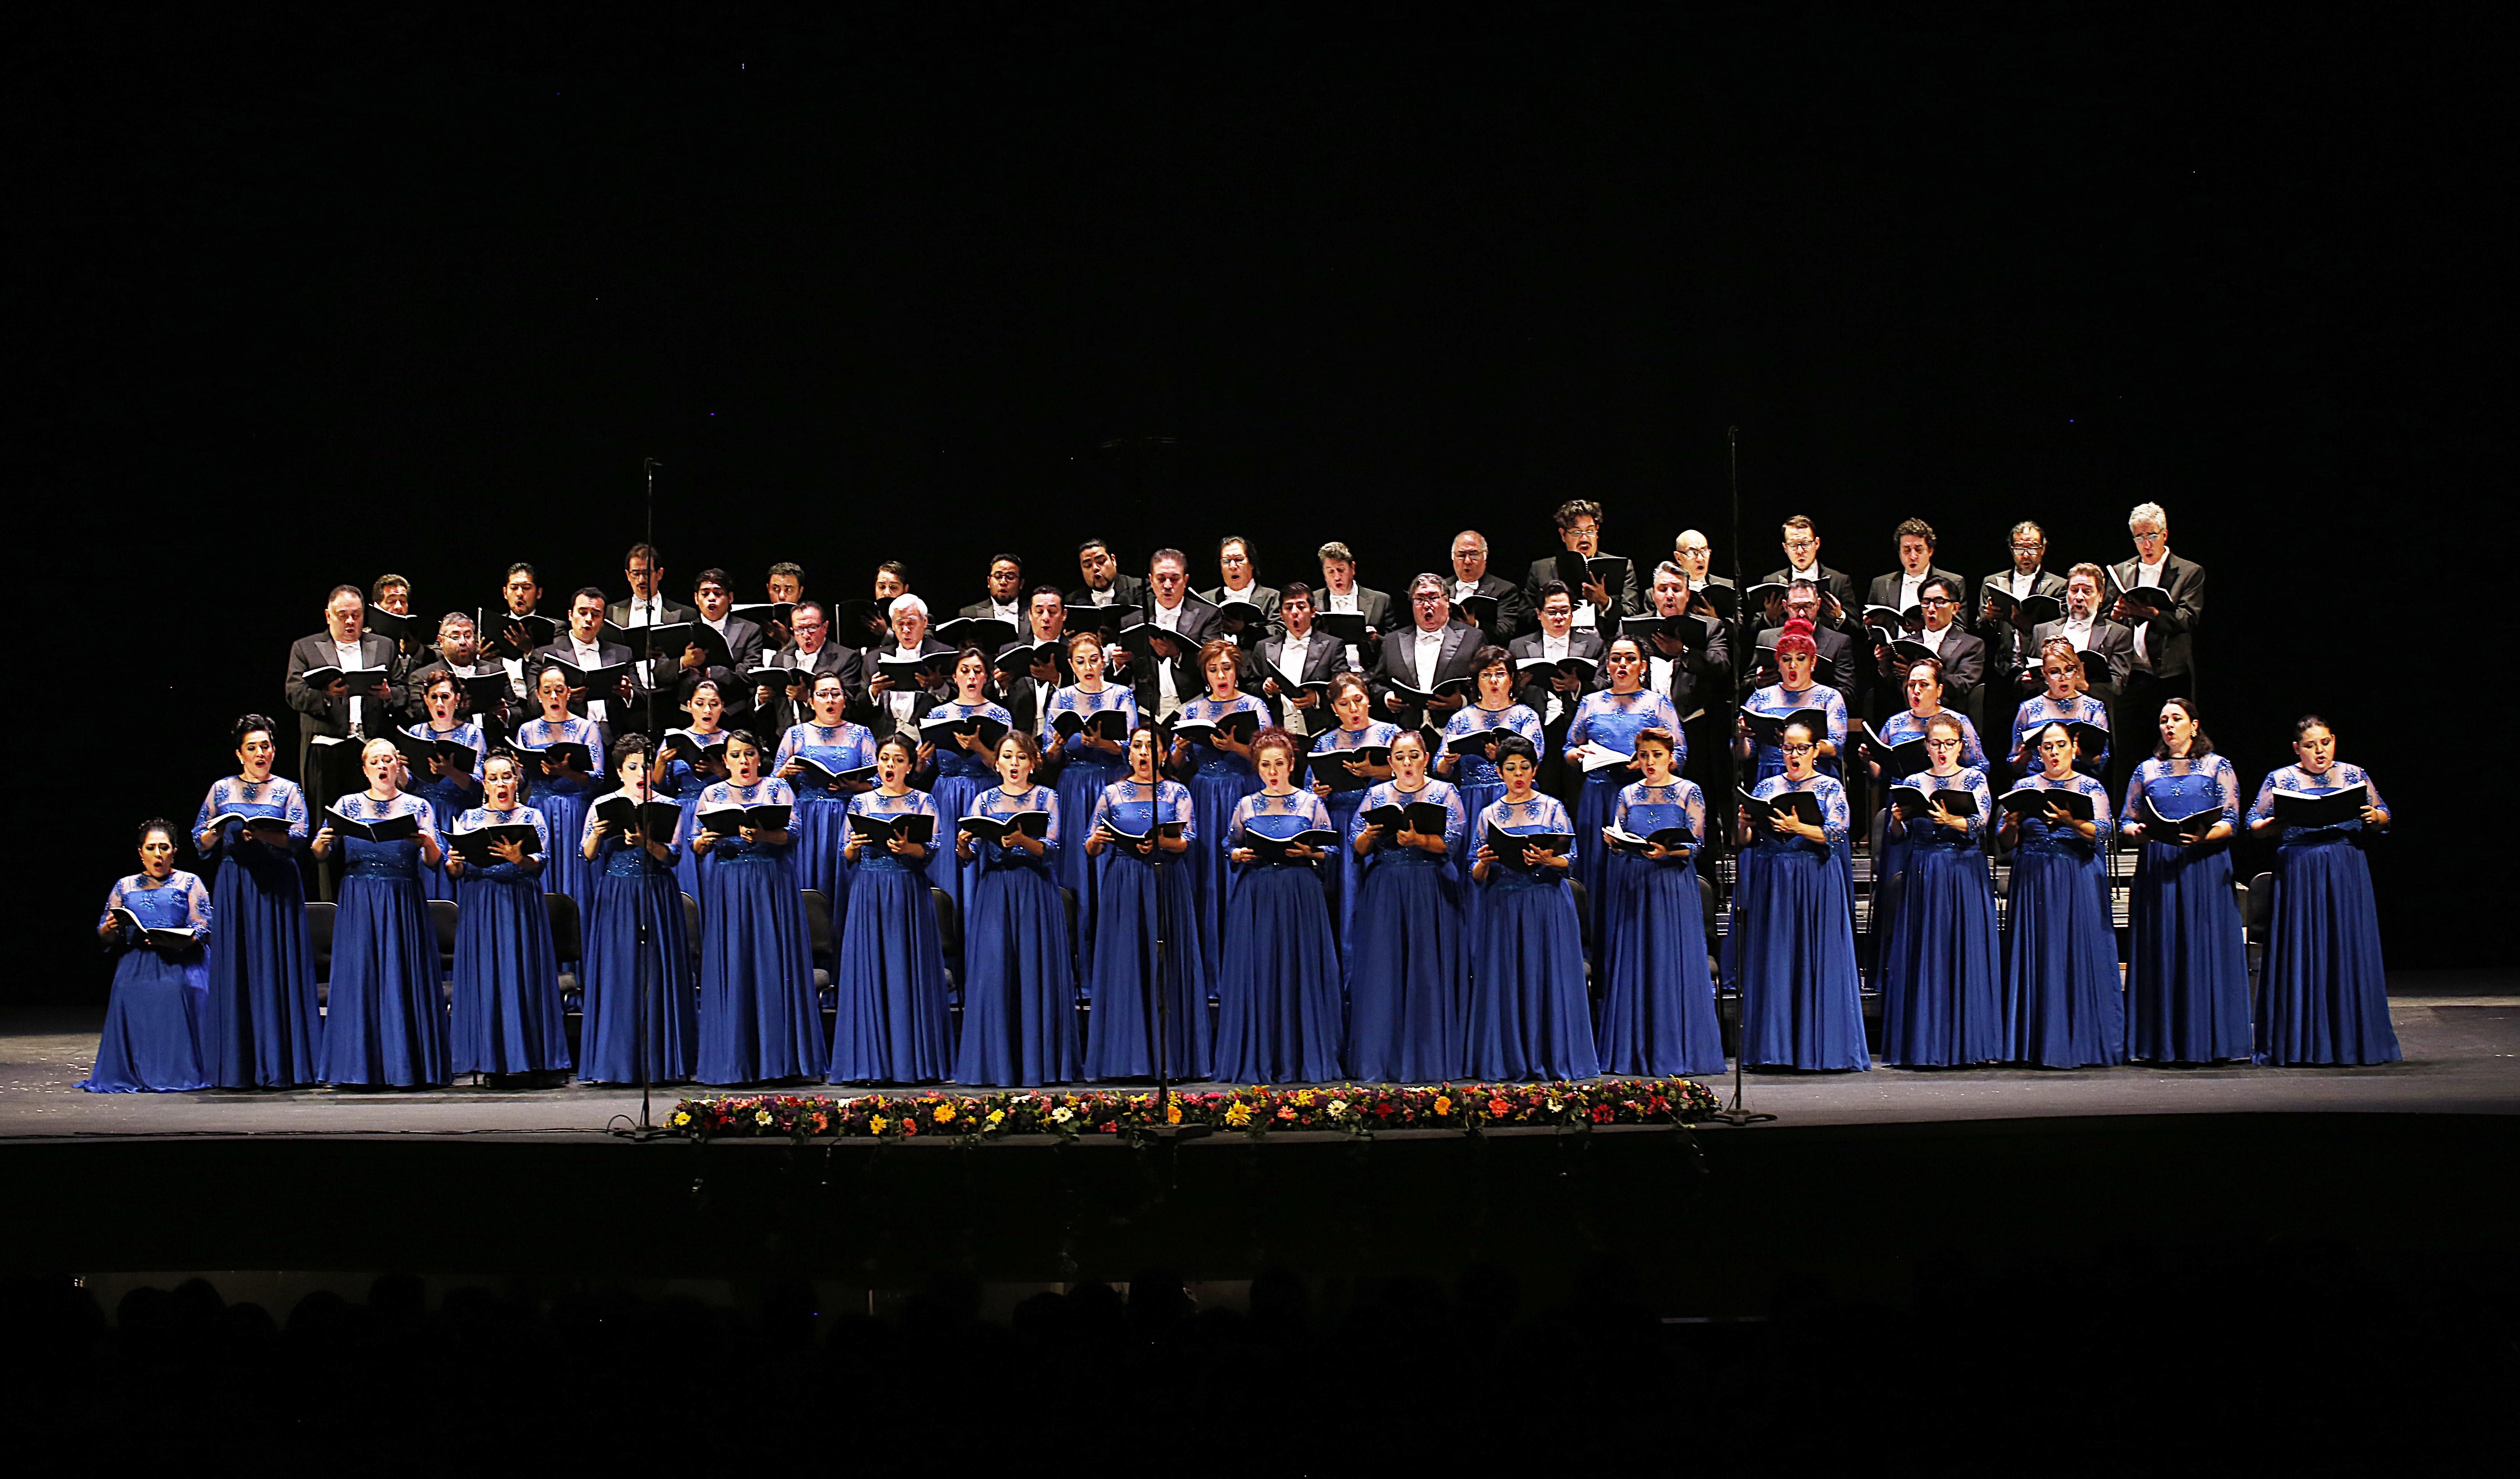 Coro del Teatro de Bellas Artes. Foto de Daniel Gonzalez.